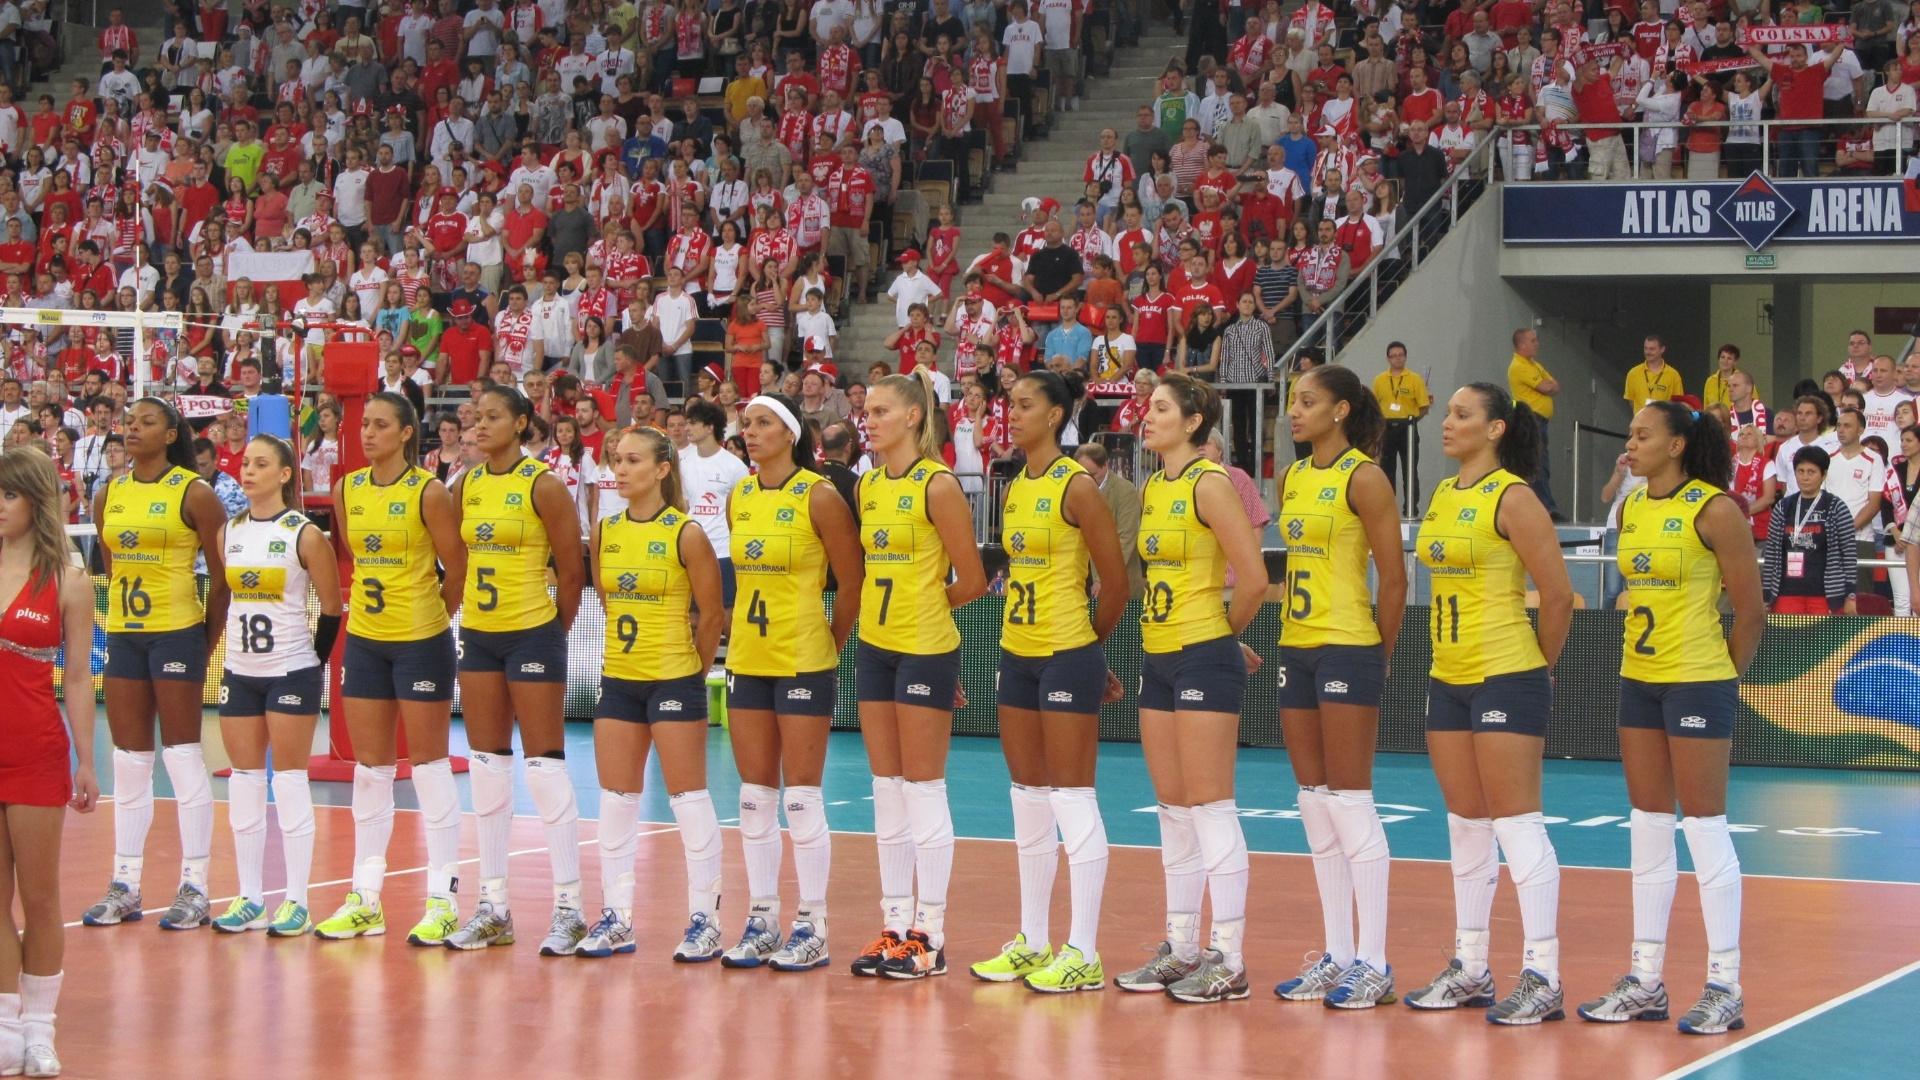 Brasileiras perfiladas antes da partida contra a Polônia pelo Grand Prix